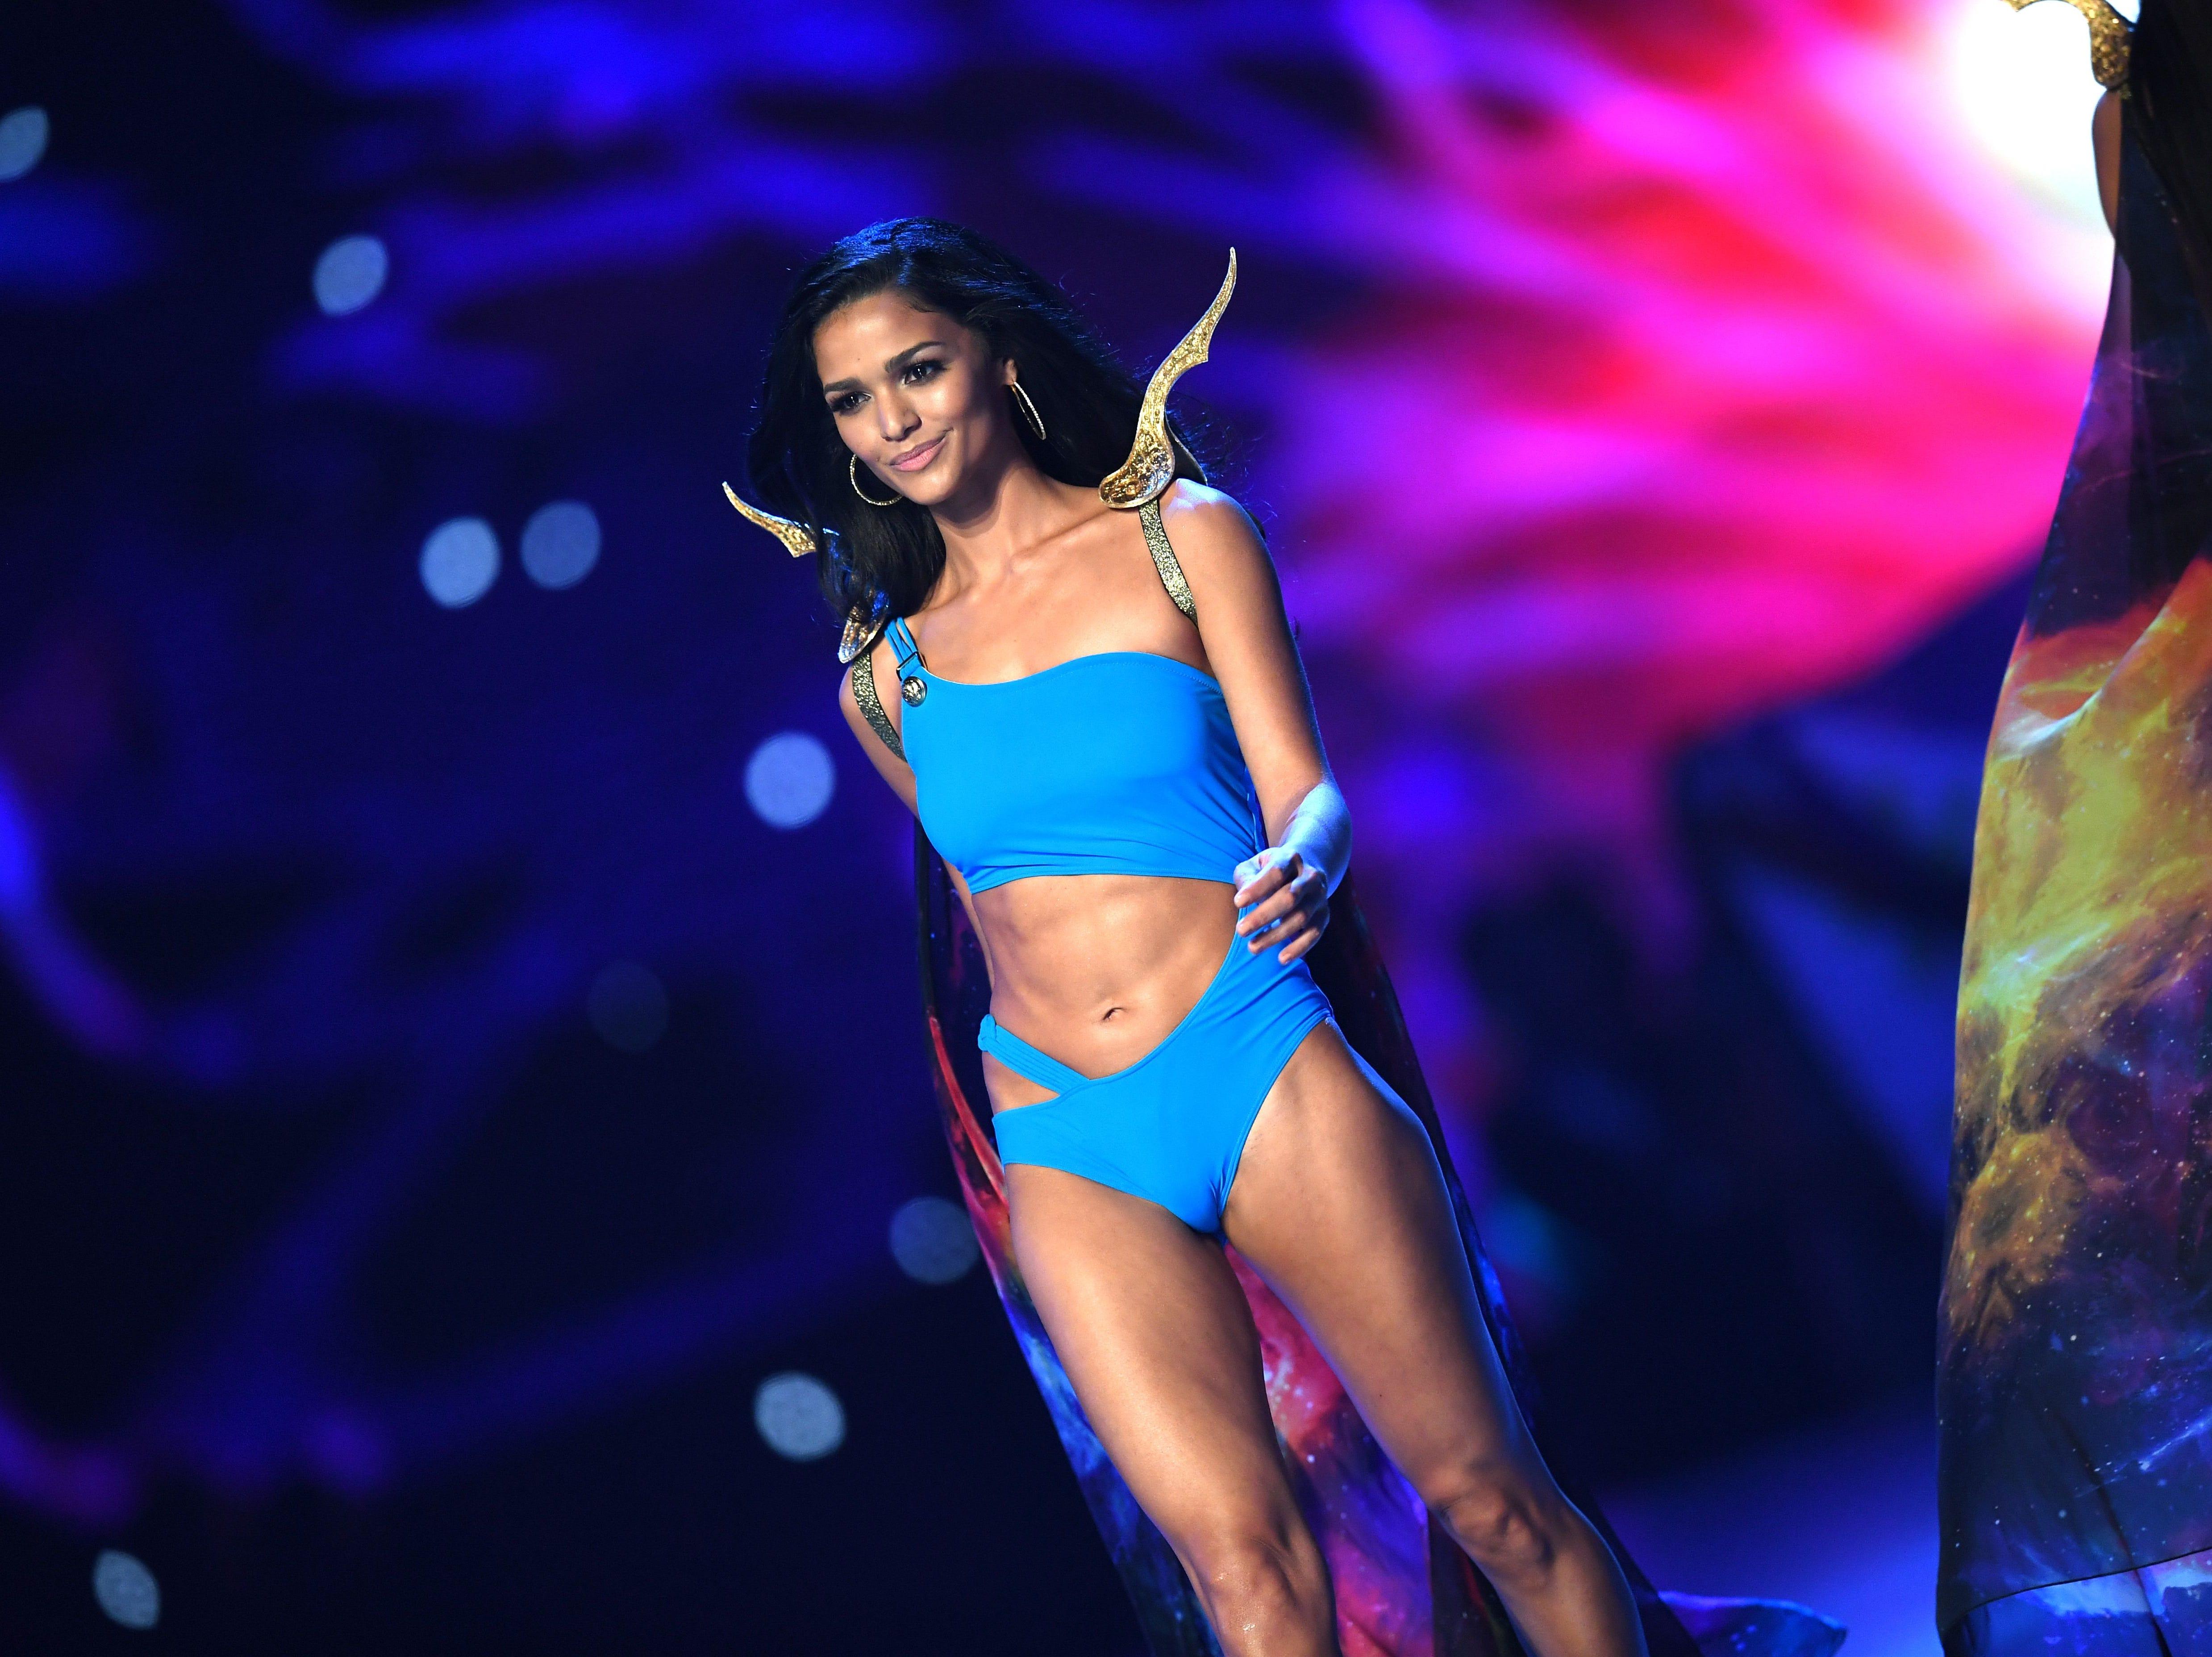 Kiara Ortega de Puerto Rico, en el desfile de traje de baño del concurso Miss Universo de 2018 en Bangkok el 17 de diciembre de 2018.